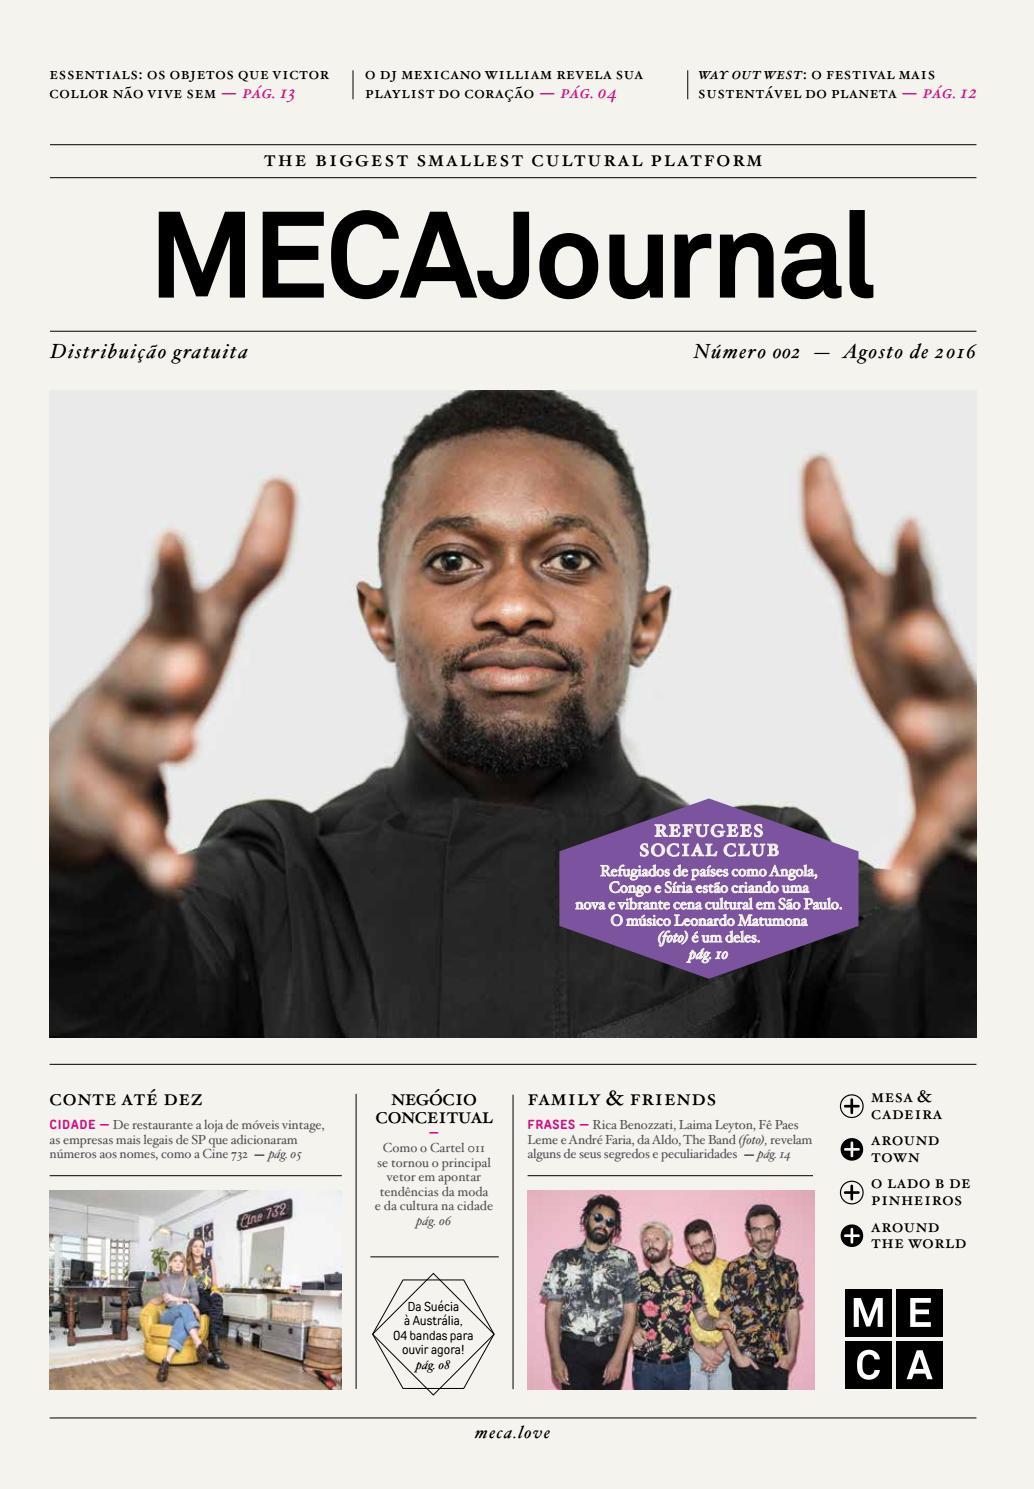 mecajournal 02 \u2013 agosto 16 by mecajournal issuu732 Nome Do Apresentador Do Video Show #2